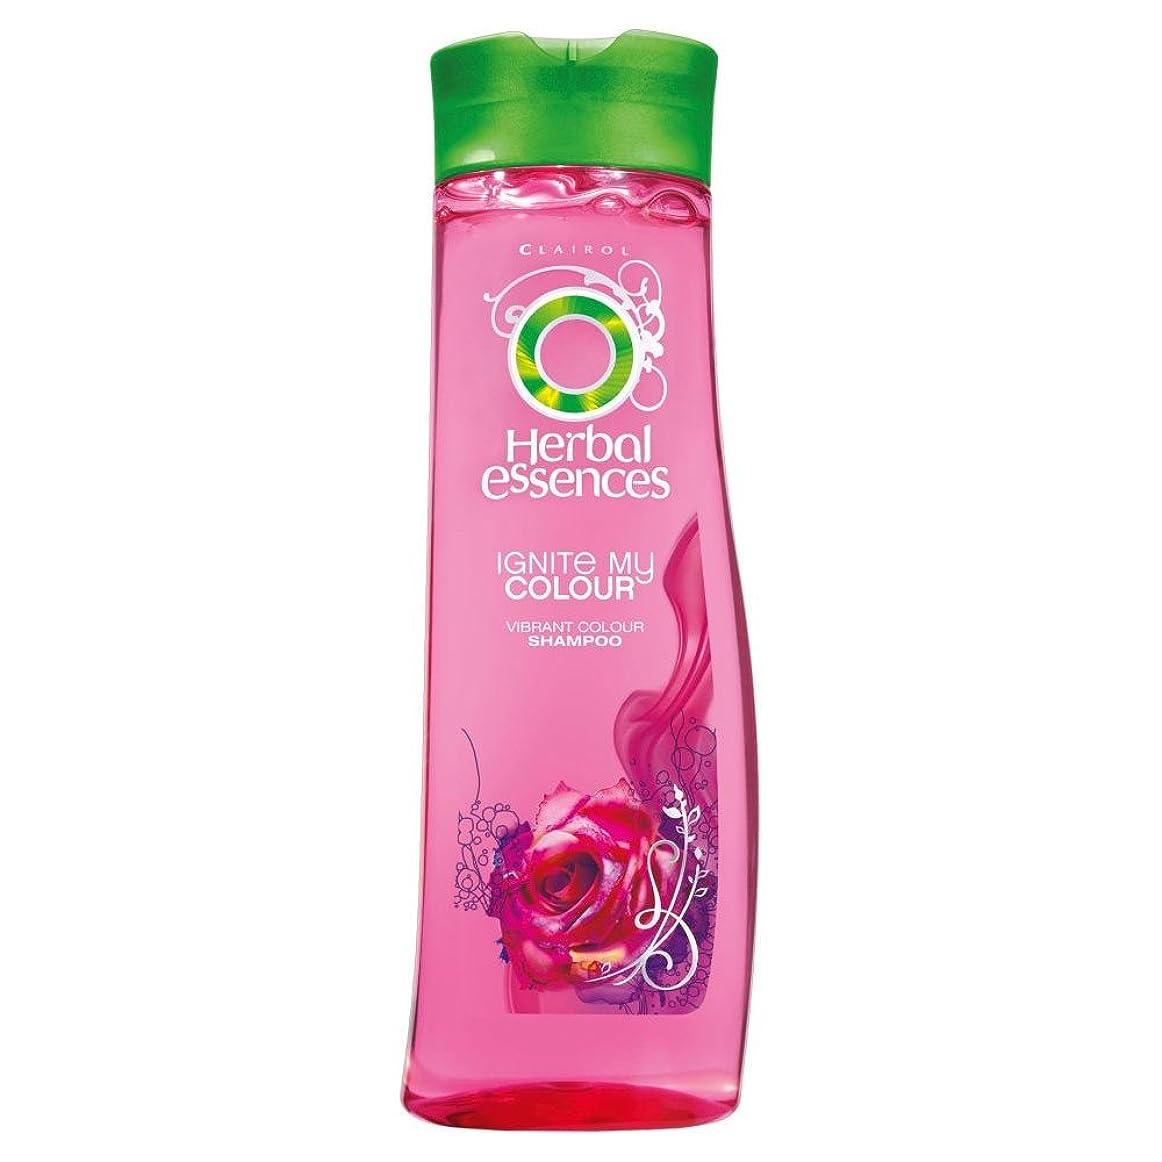 自己教える一般Herbal Essences Ignite My Colour Acai Berry & Silk Extracts Shampoo (400ml) ハーバルエッセンスは、私のカラーアサイベリーとシルクエキスシャンプー( 400ミリリットル)を点火する [並行輸入品]